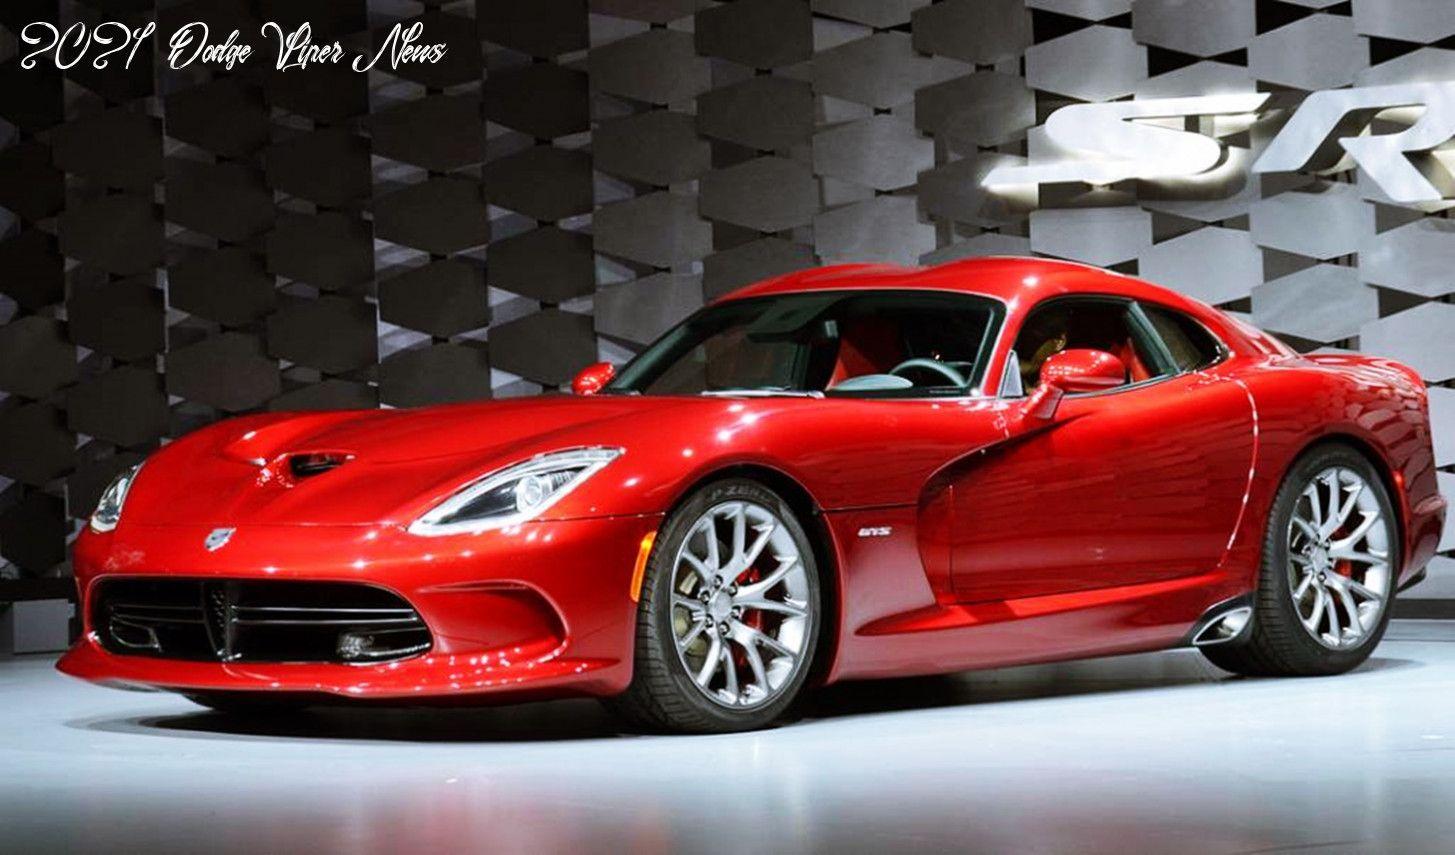 2021 Dodge Viper News Price In 2020 Dodge Viper Viper Car New Dodge Viper